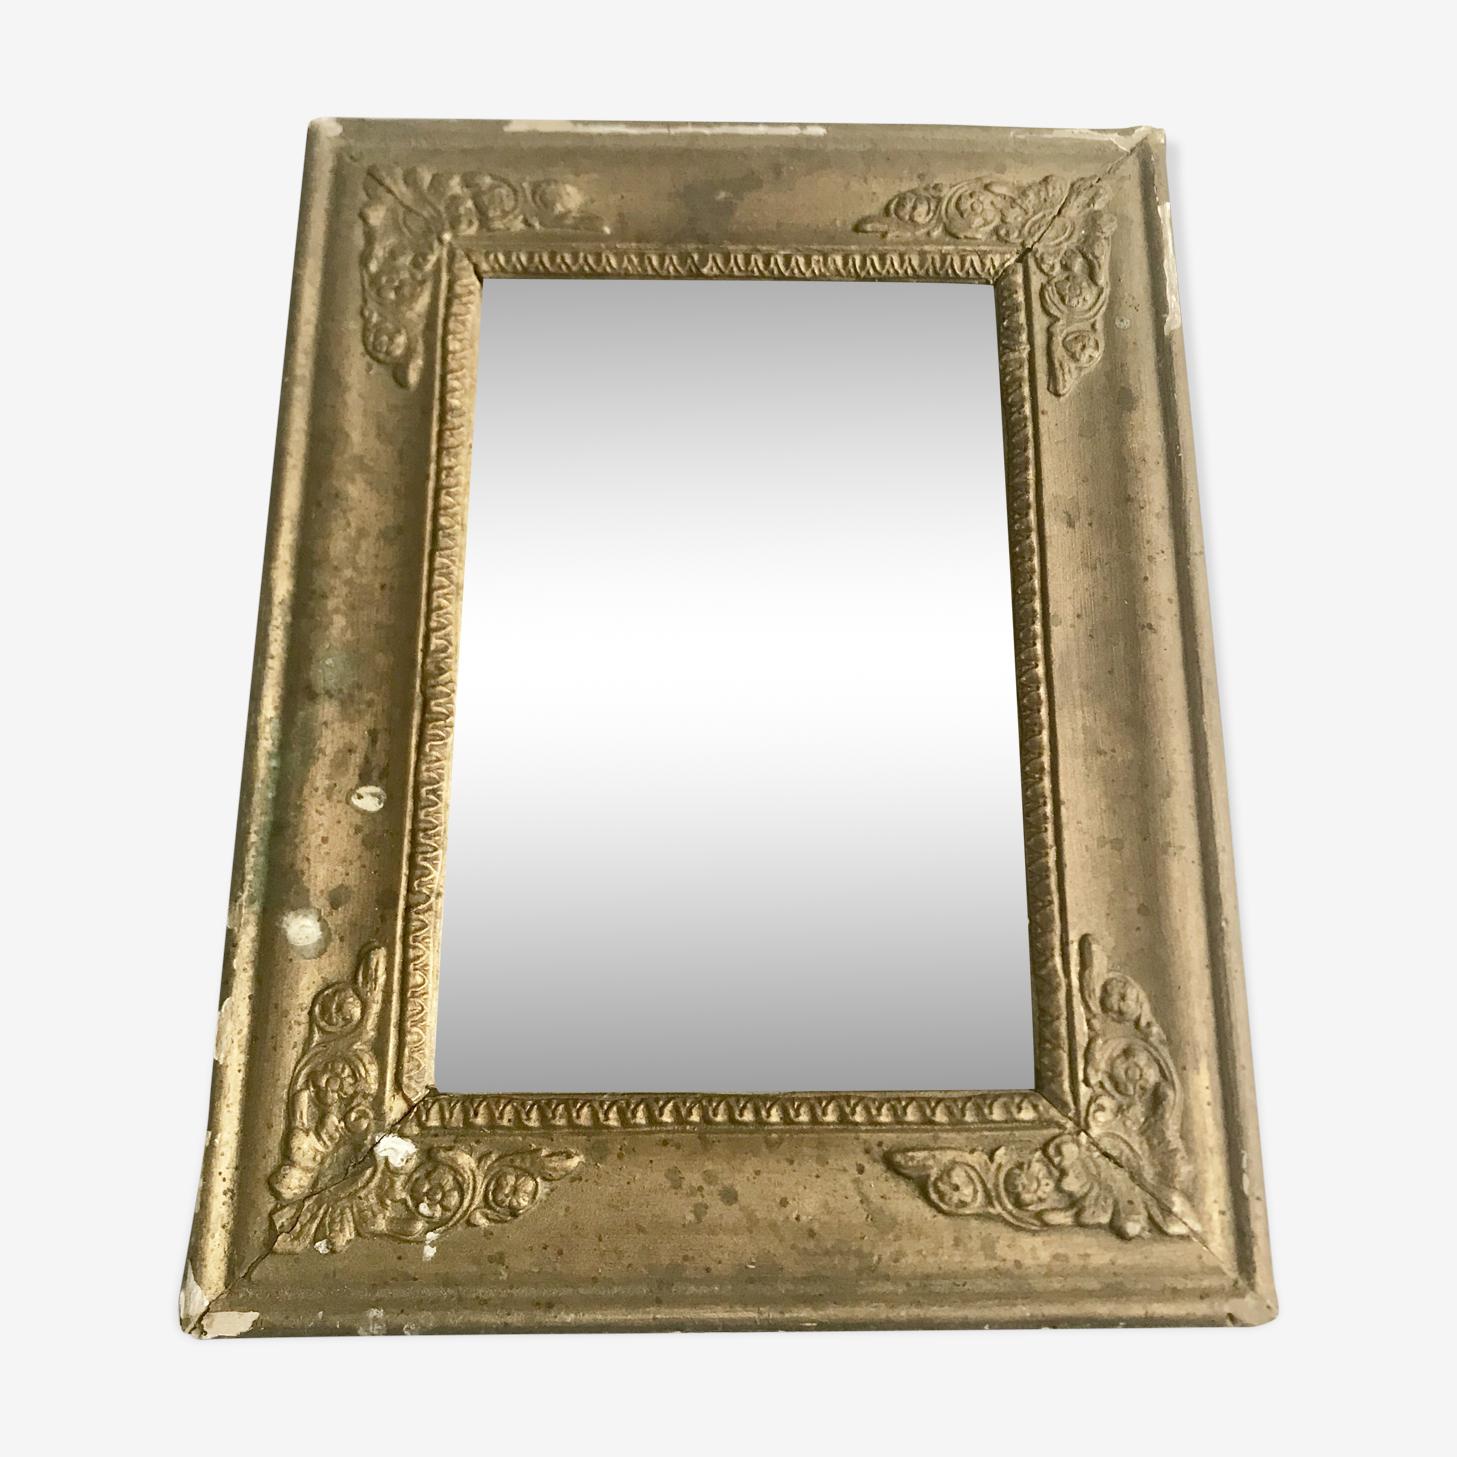 Miroir doré ancien d'époque Empire 30x20cm